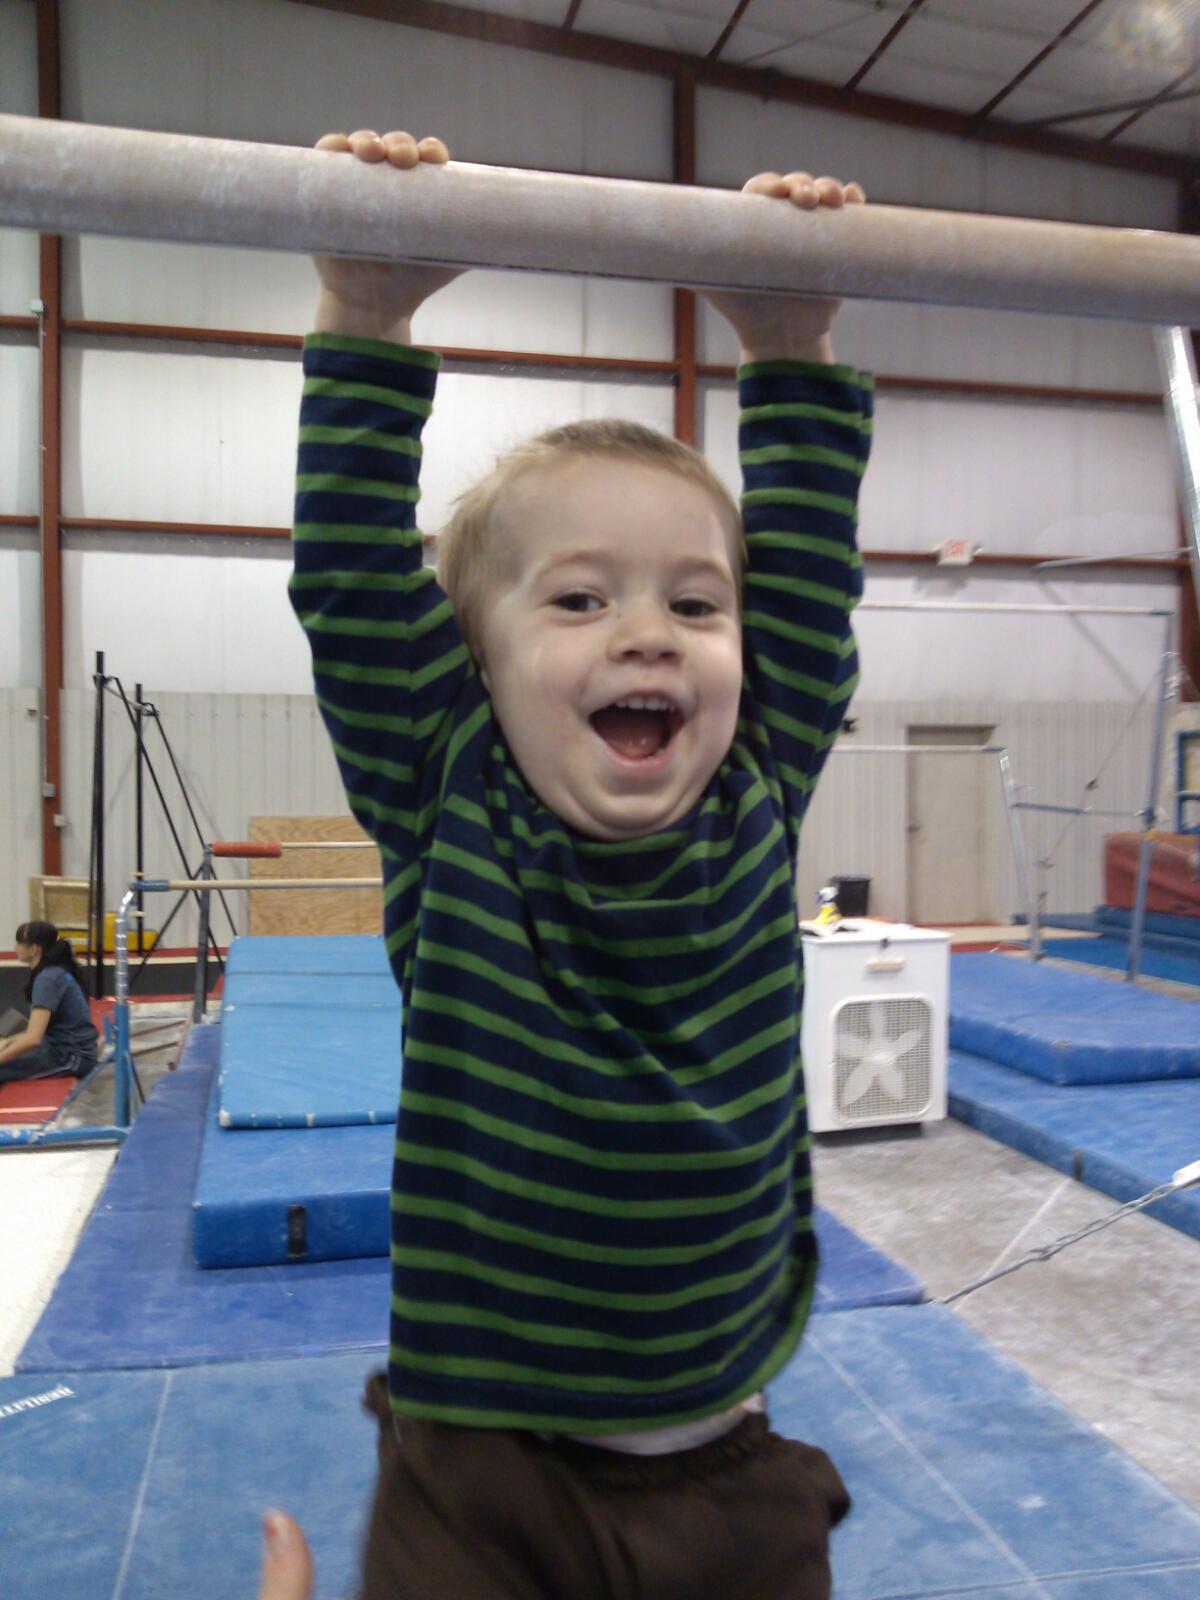 Child hanging on